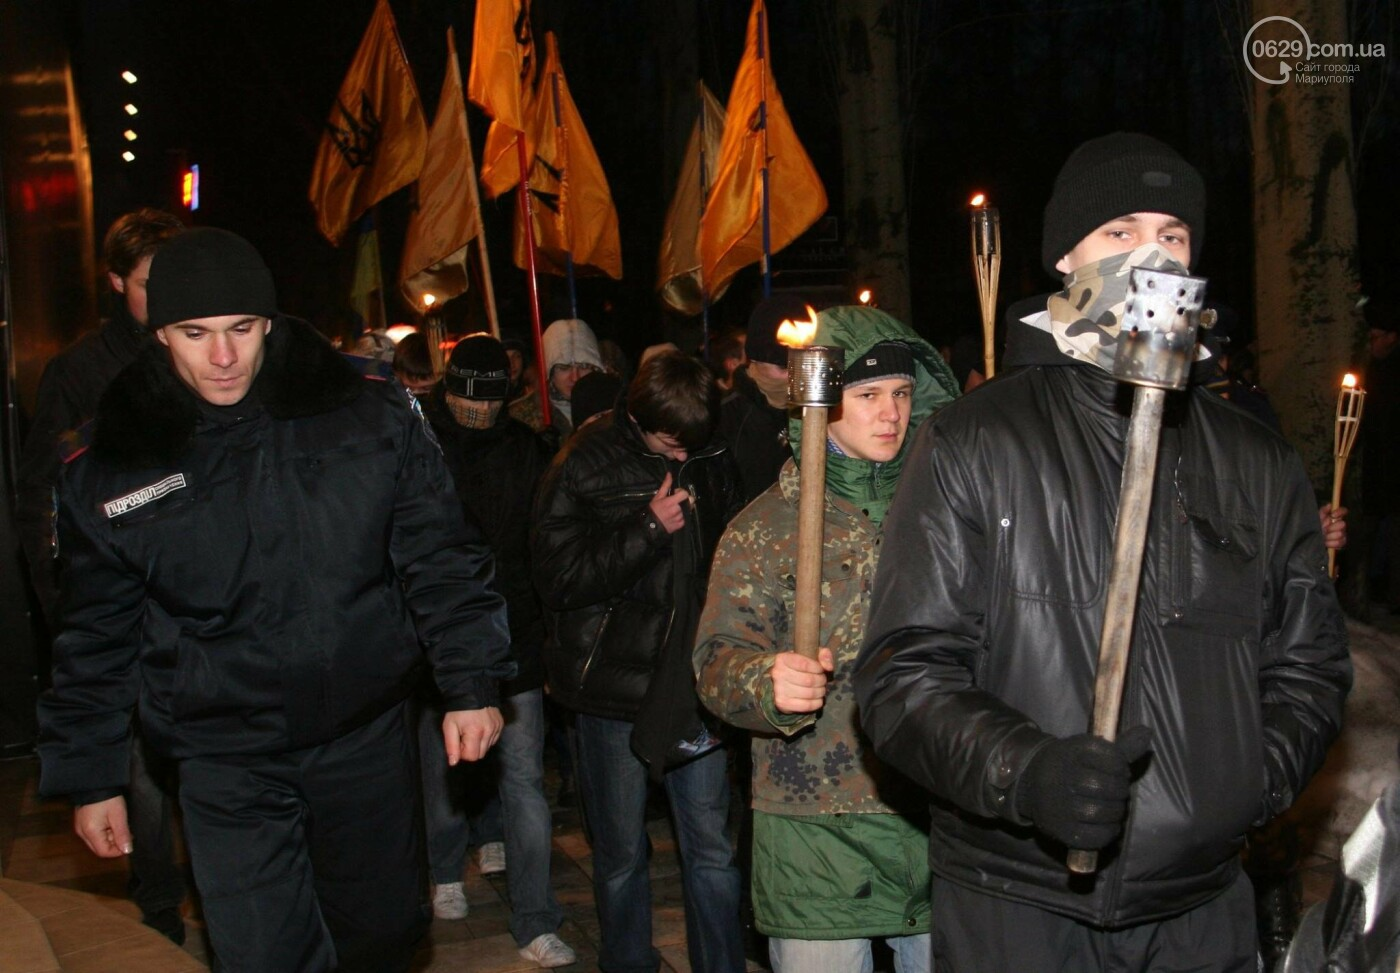 """Драки и сожжённые флаги. Как боролись с """"Донецкой республикой"""" 12 лет назад,  - ФОТО, фото-1"""